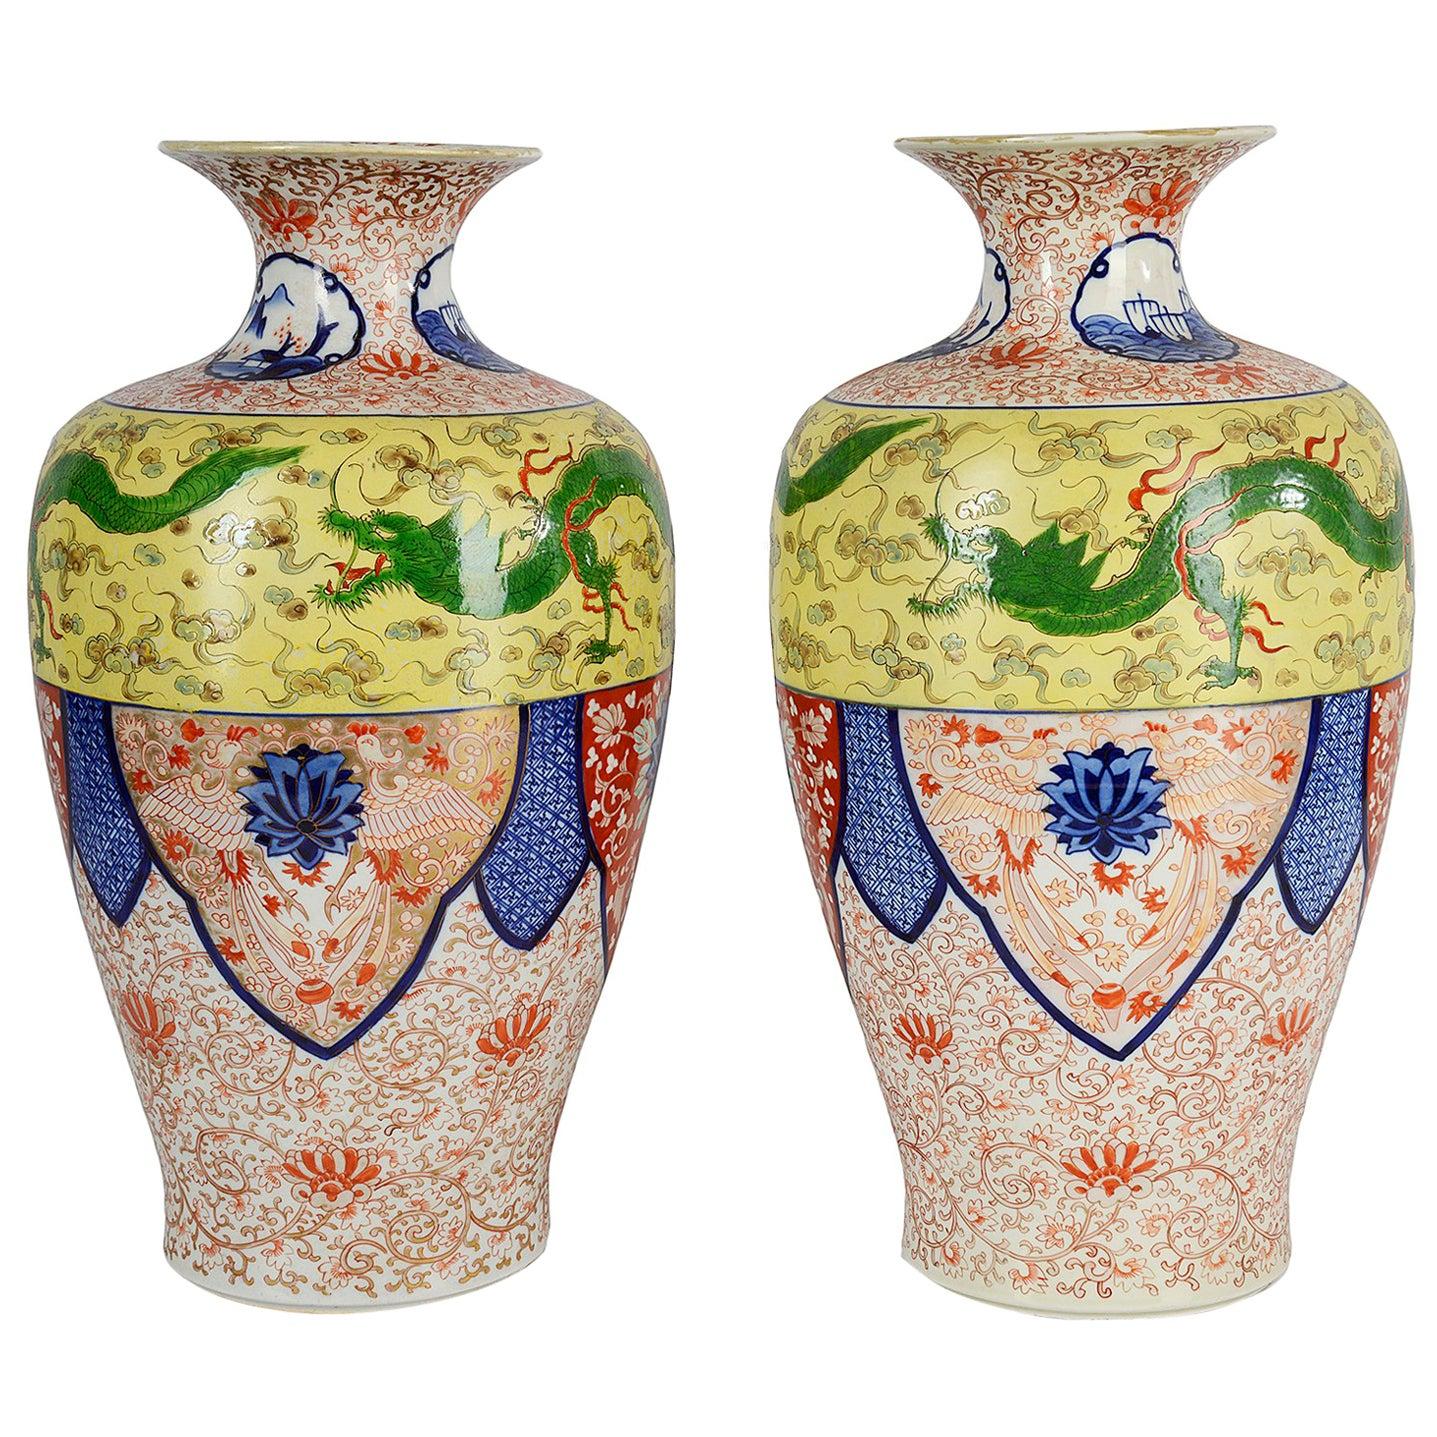 Pair of Large 19th Century Imari Vases